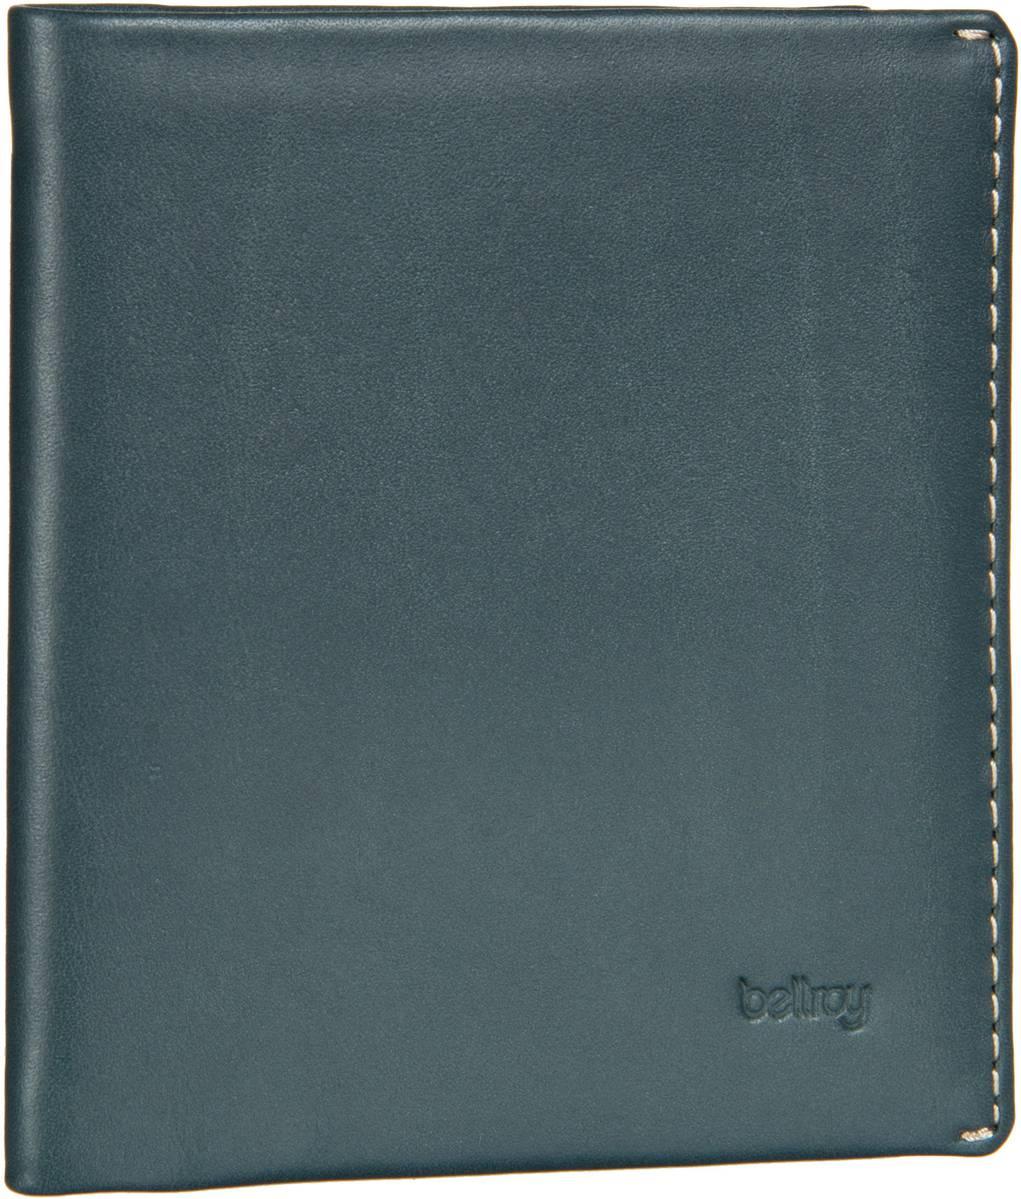 Bellroy Note Sleeve Teal - Geldbörse - broschei